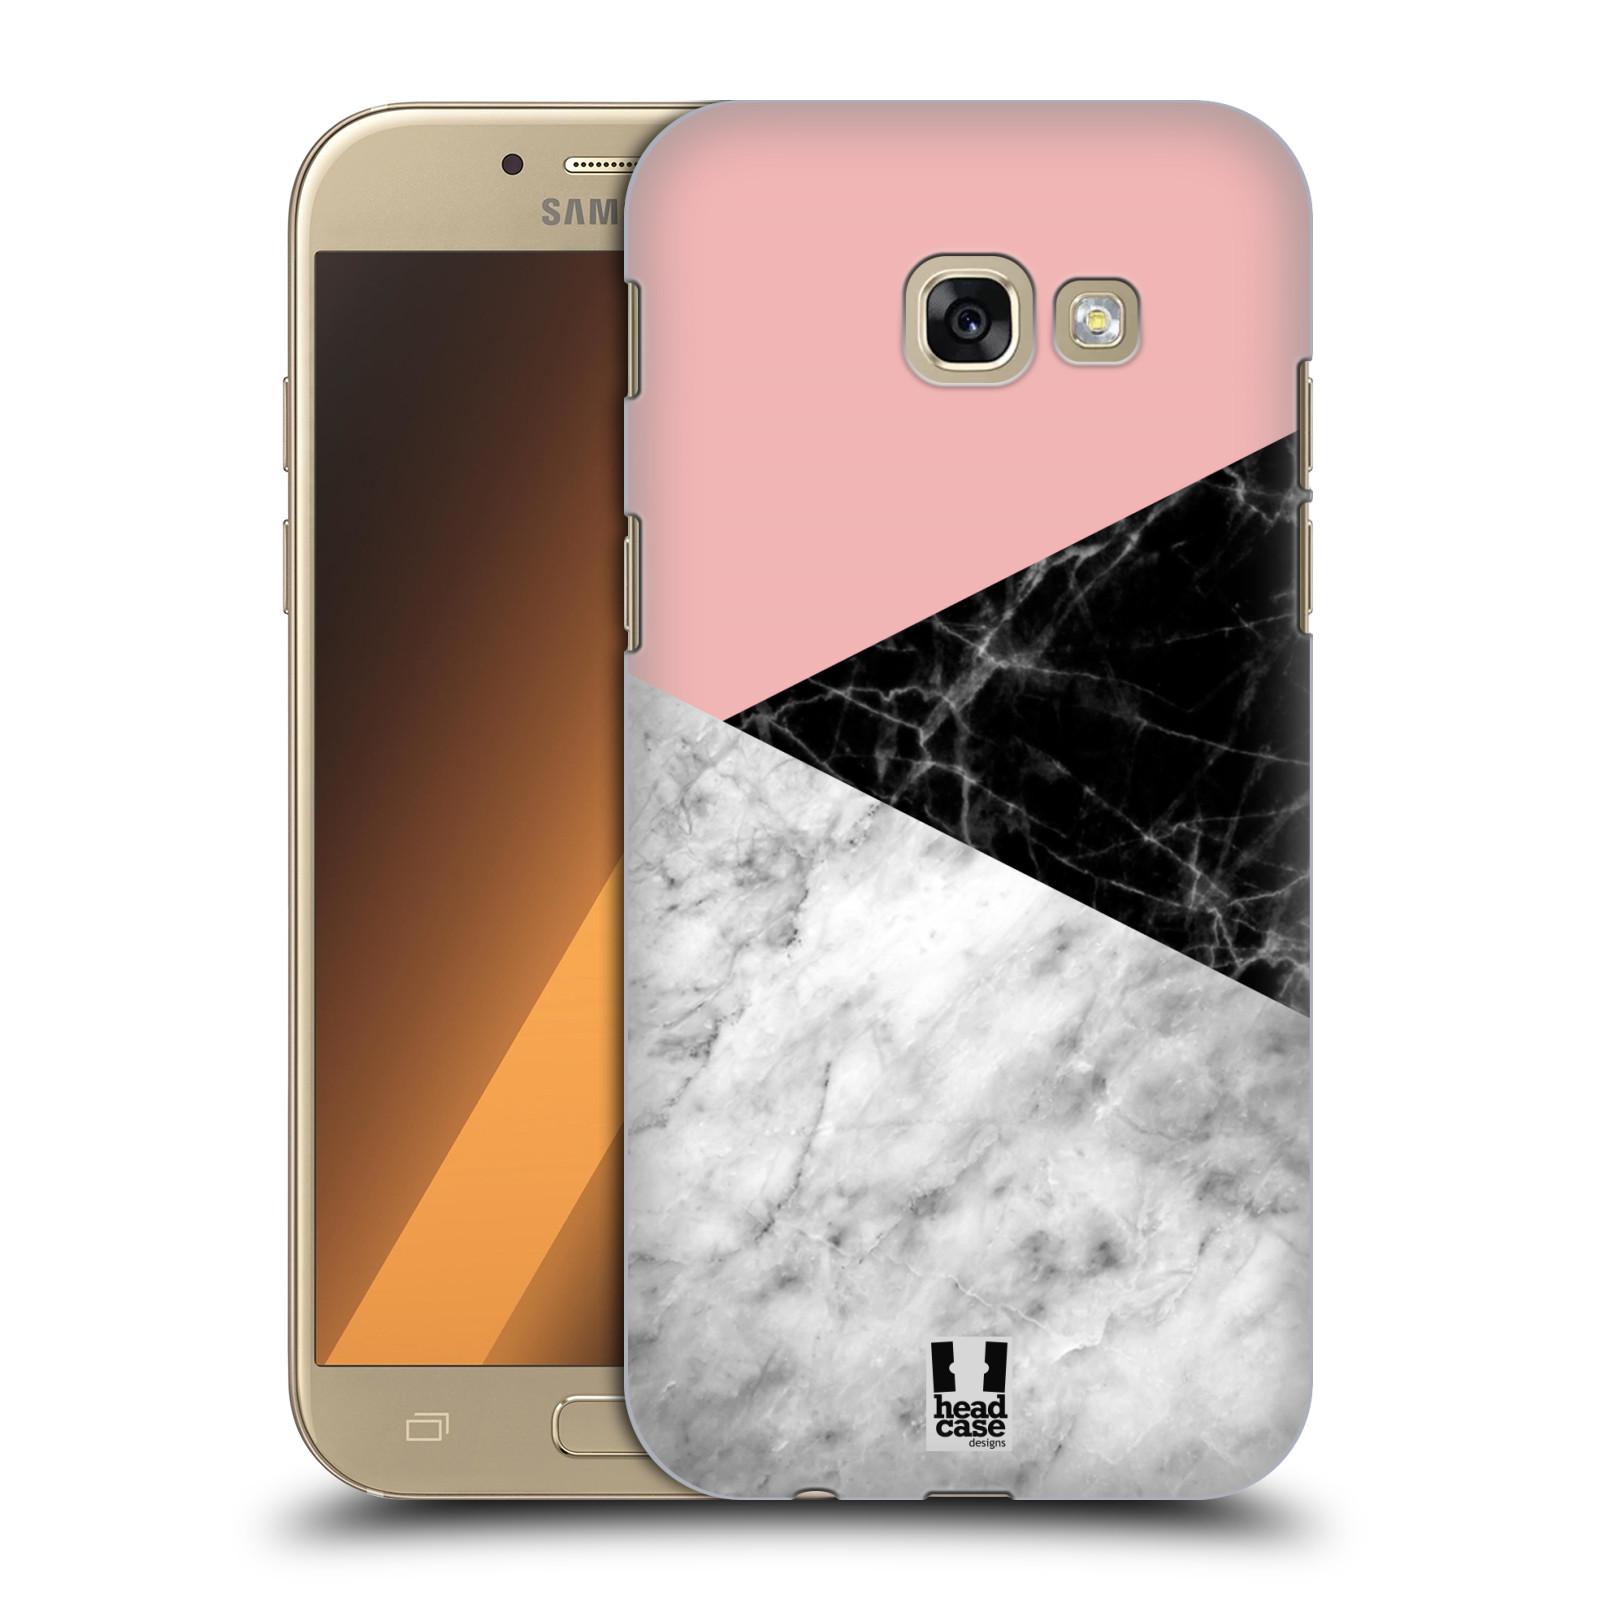 Plastové pouzdro na mobil Samsung Galaxy A5 (2017) - Head Case - Mramor mix